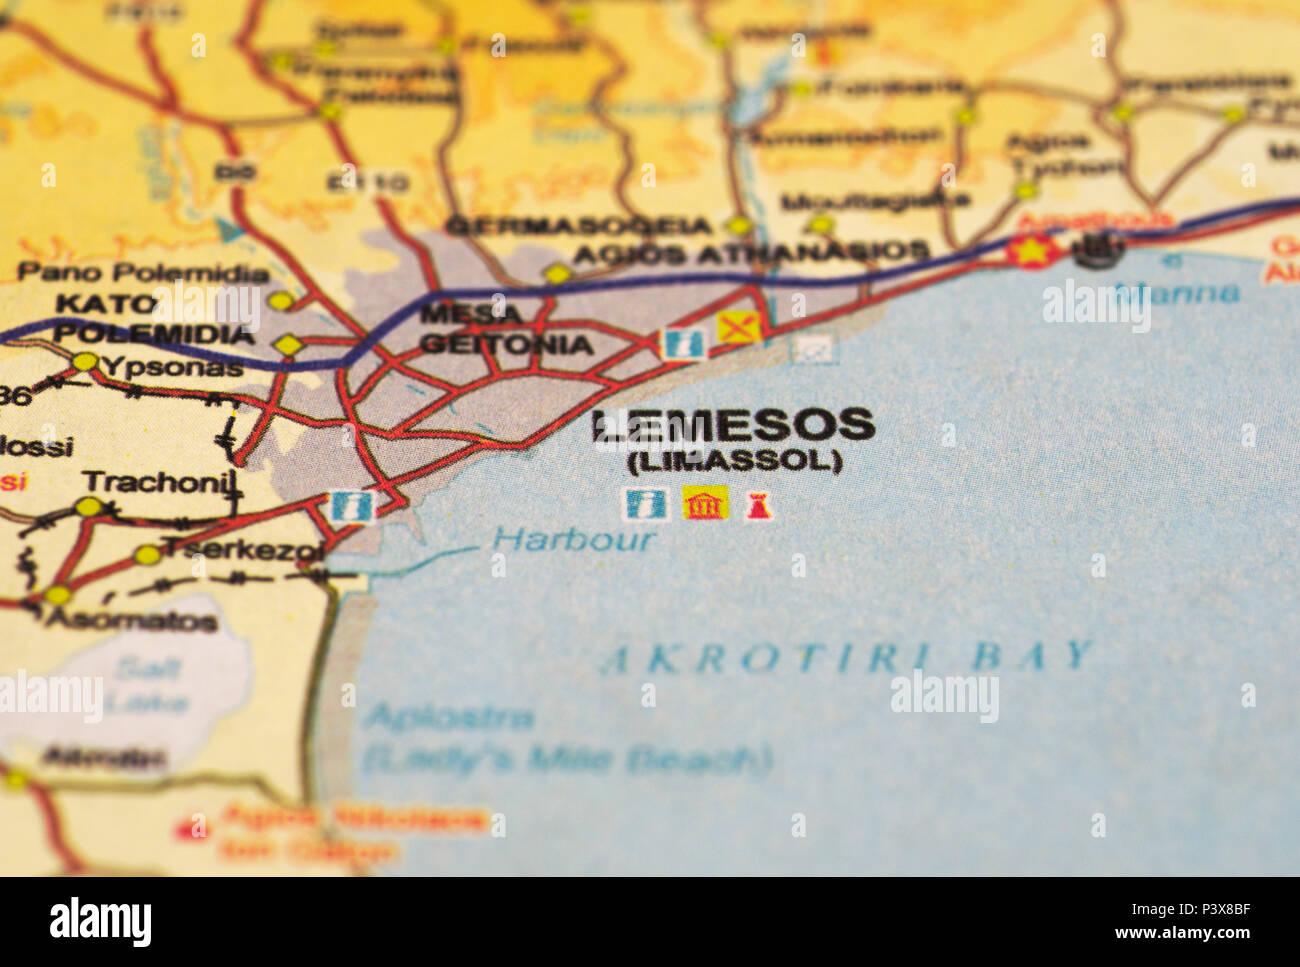 Carte Limassol Chypre.Carte De L Ile Limassol Chypre Banque D Images Photo